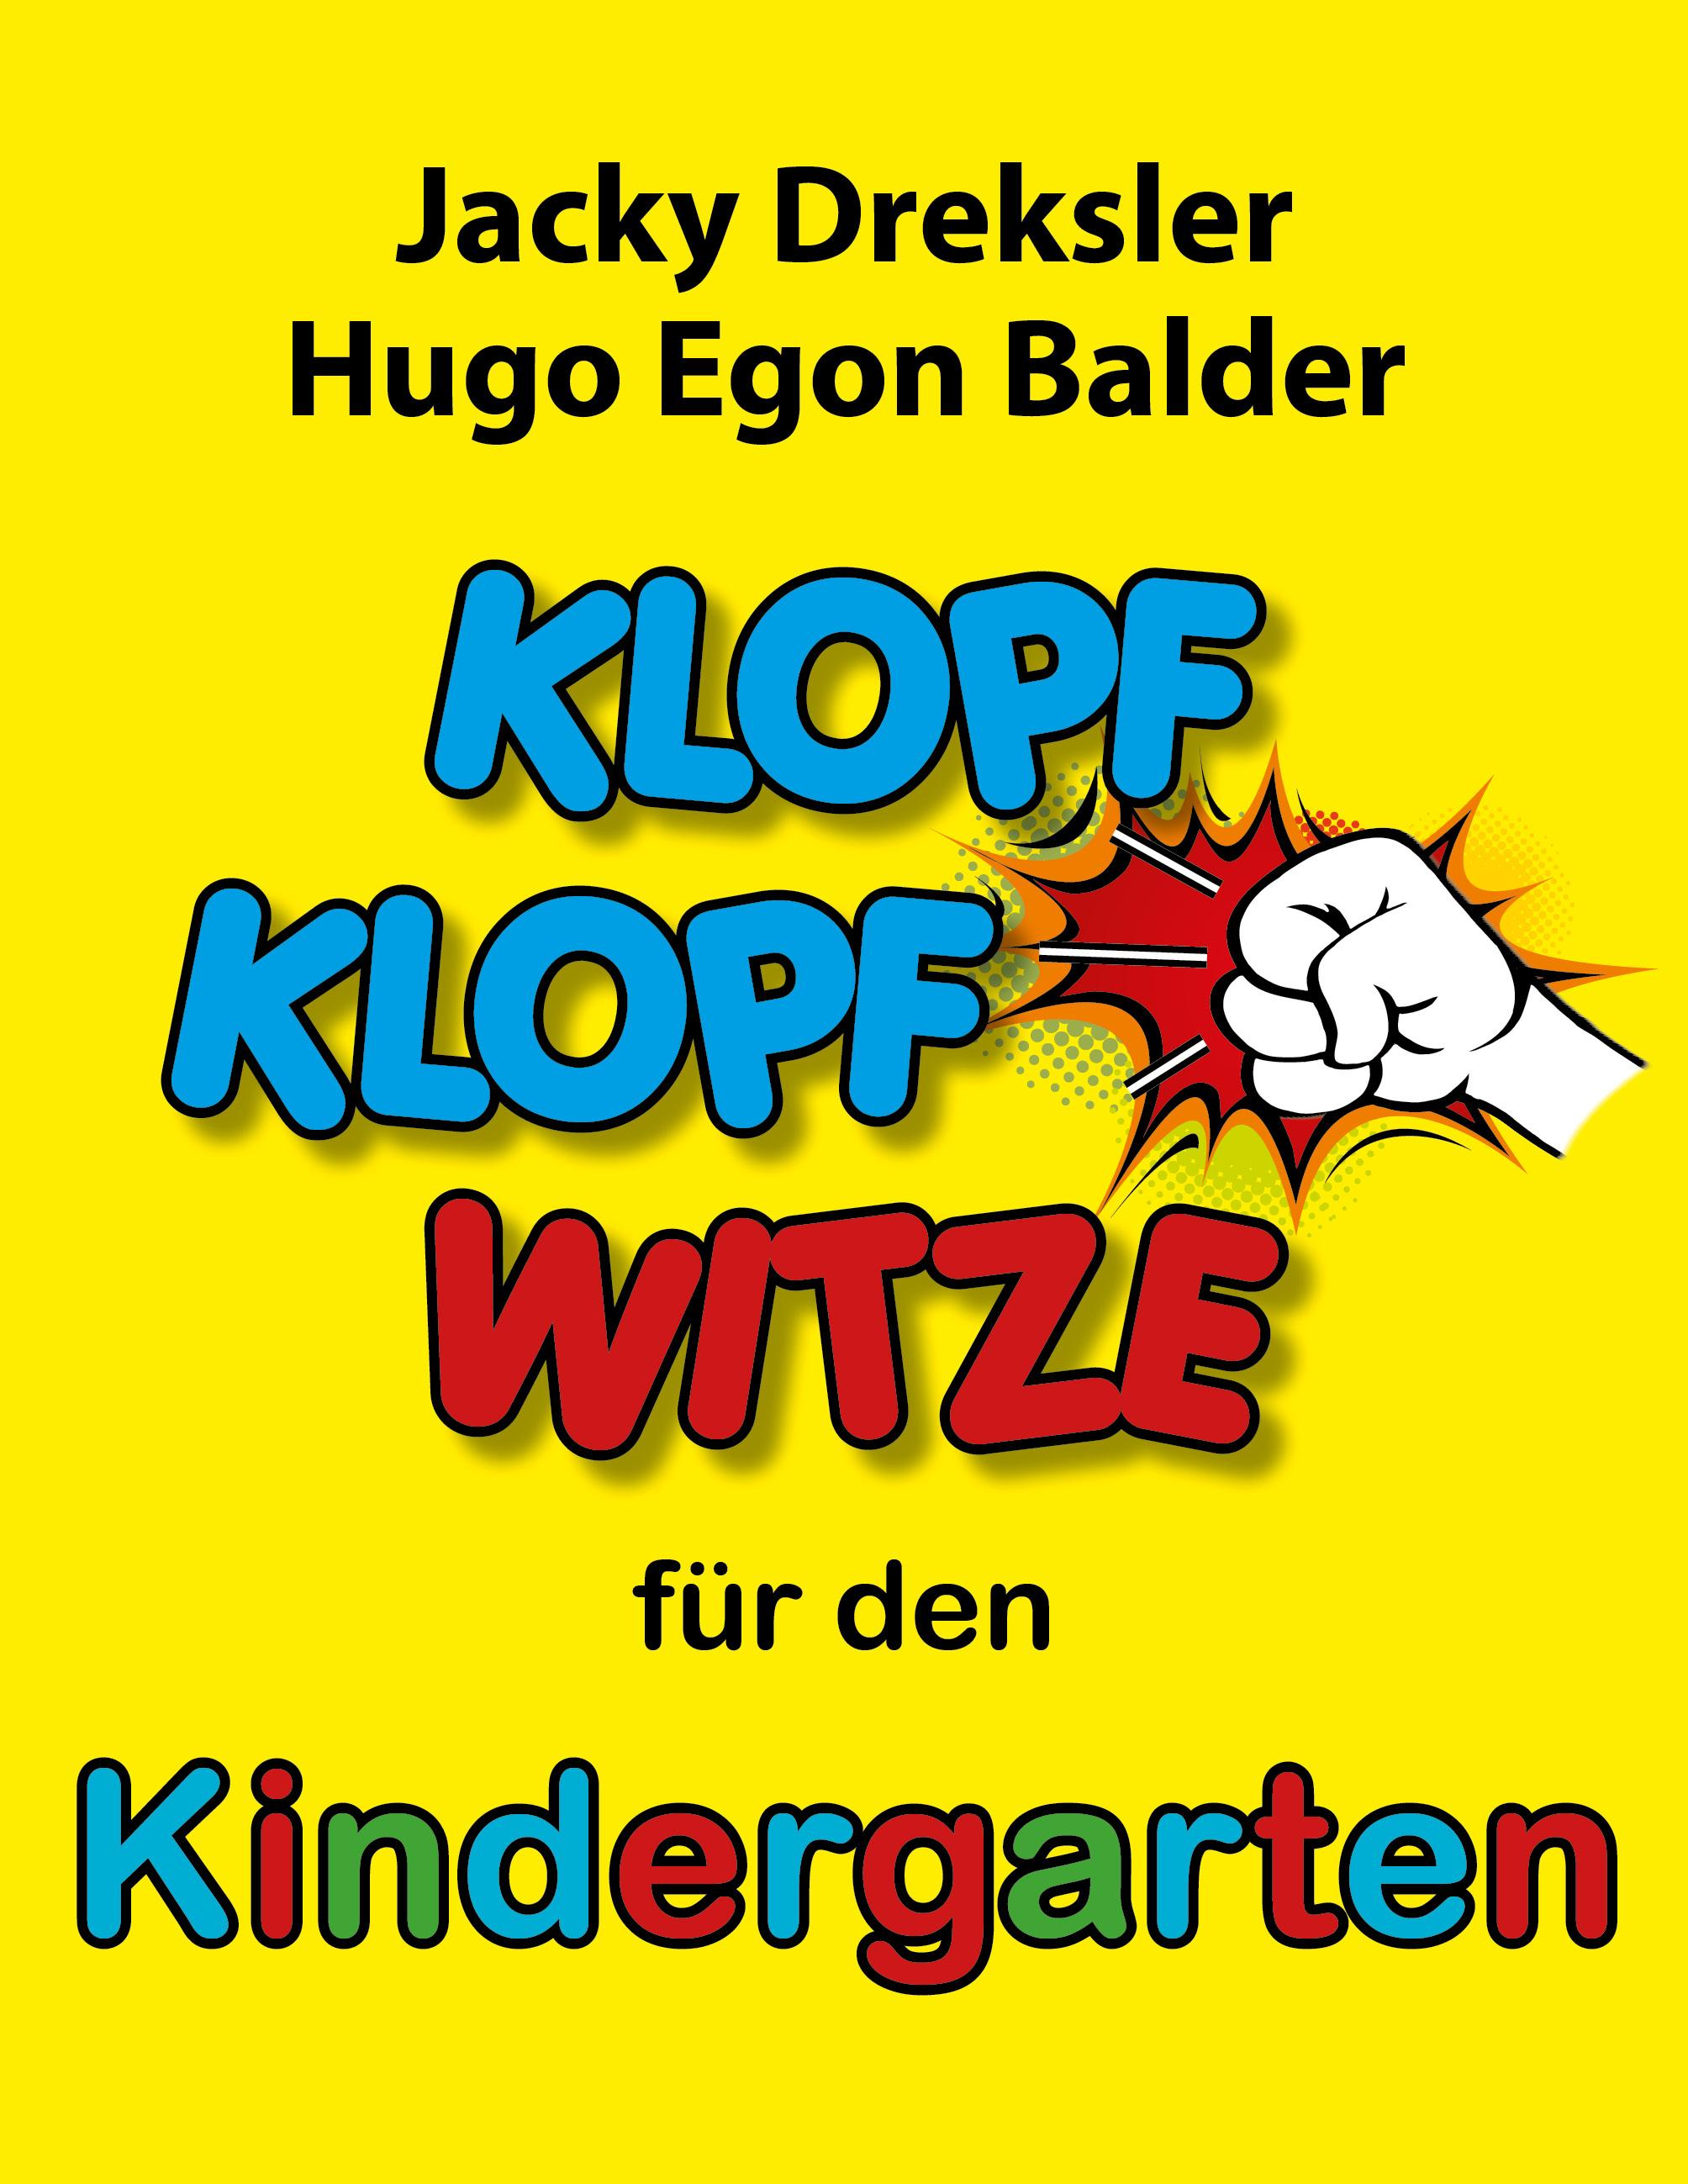 Cover: Klopf-Klopf-Witze für den Kindergarten